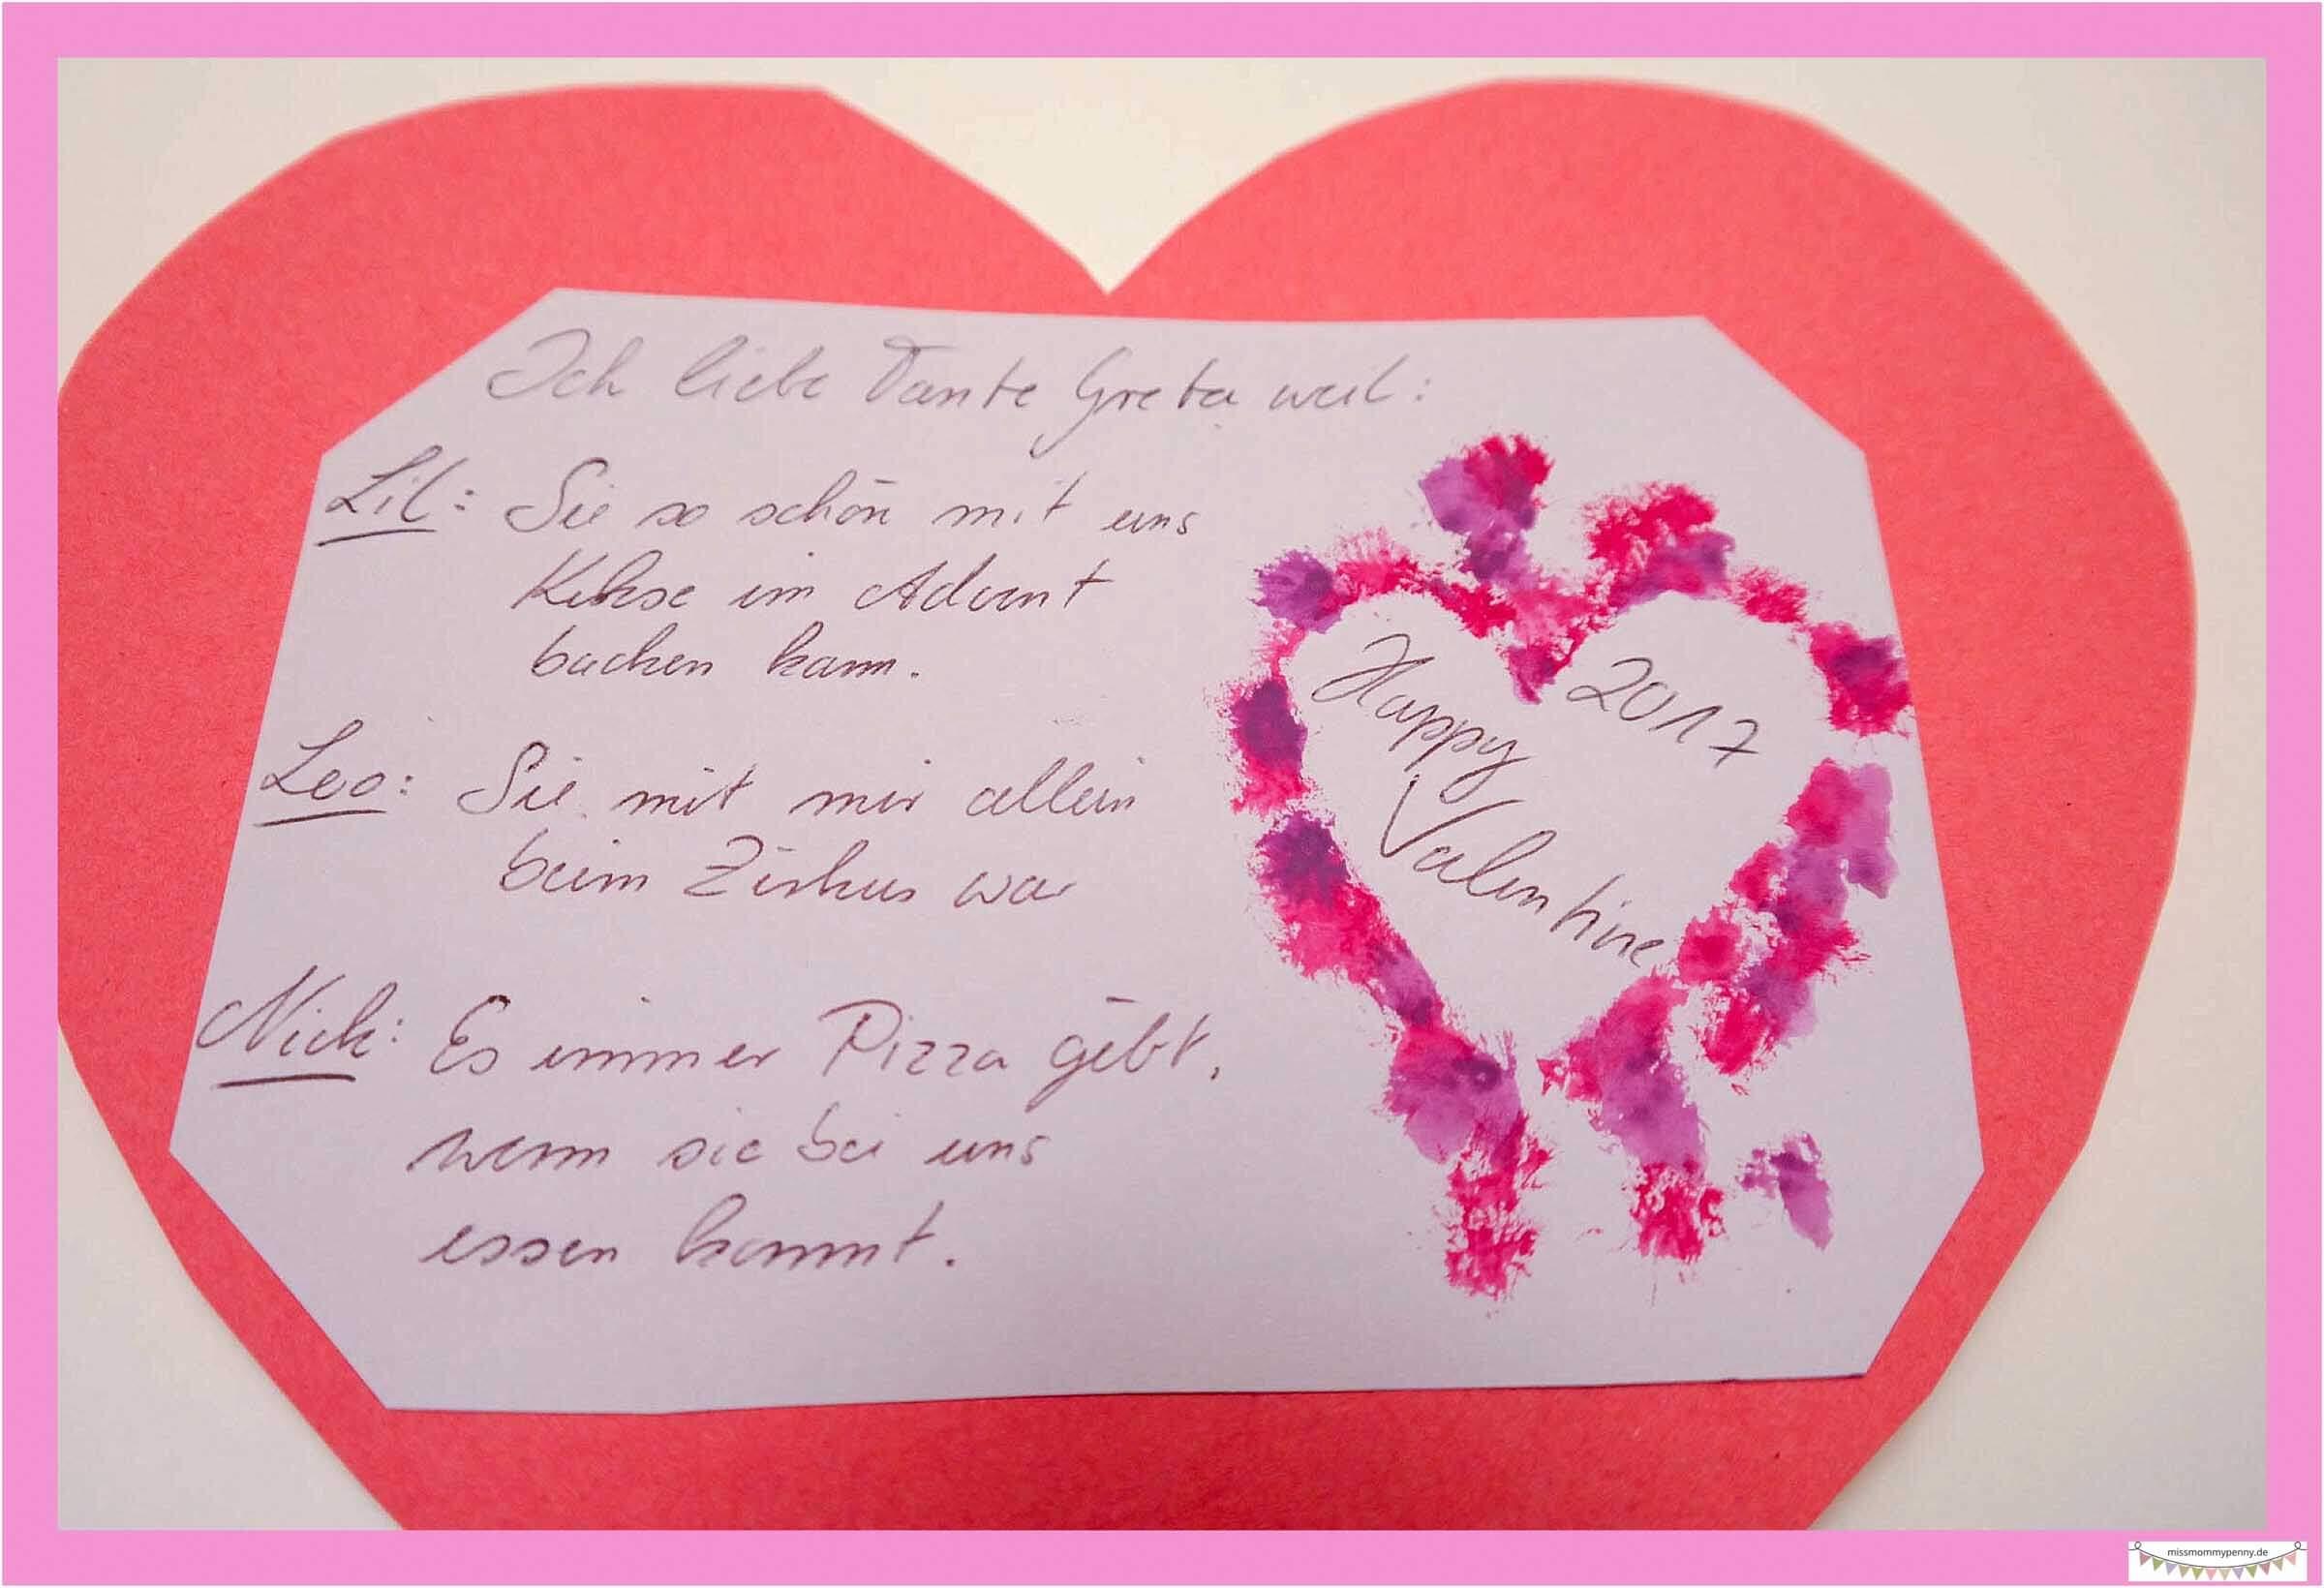 Persönliche Valentinskarten gestalten